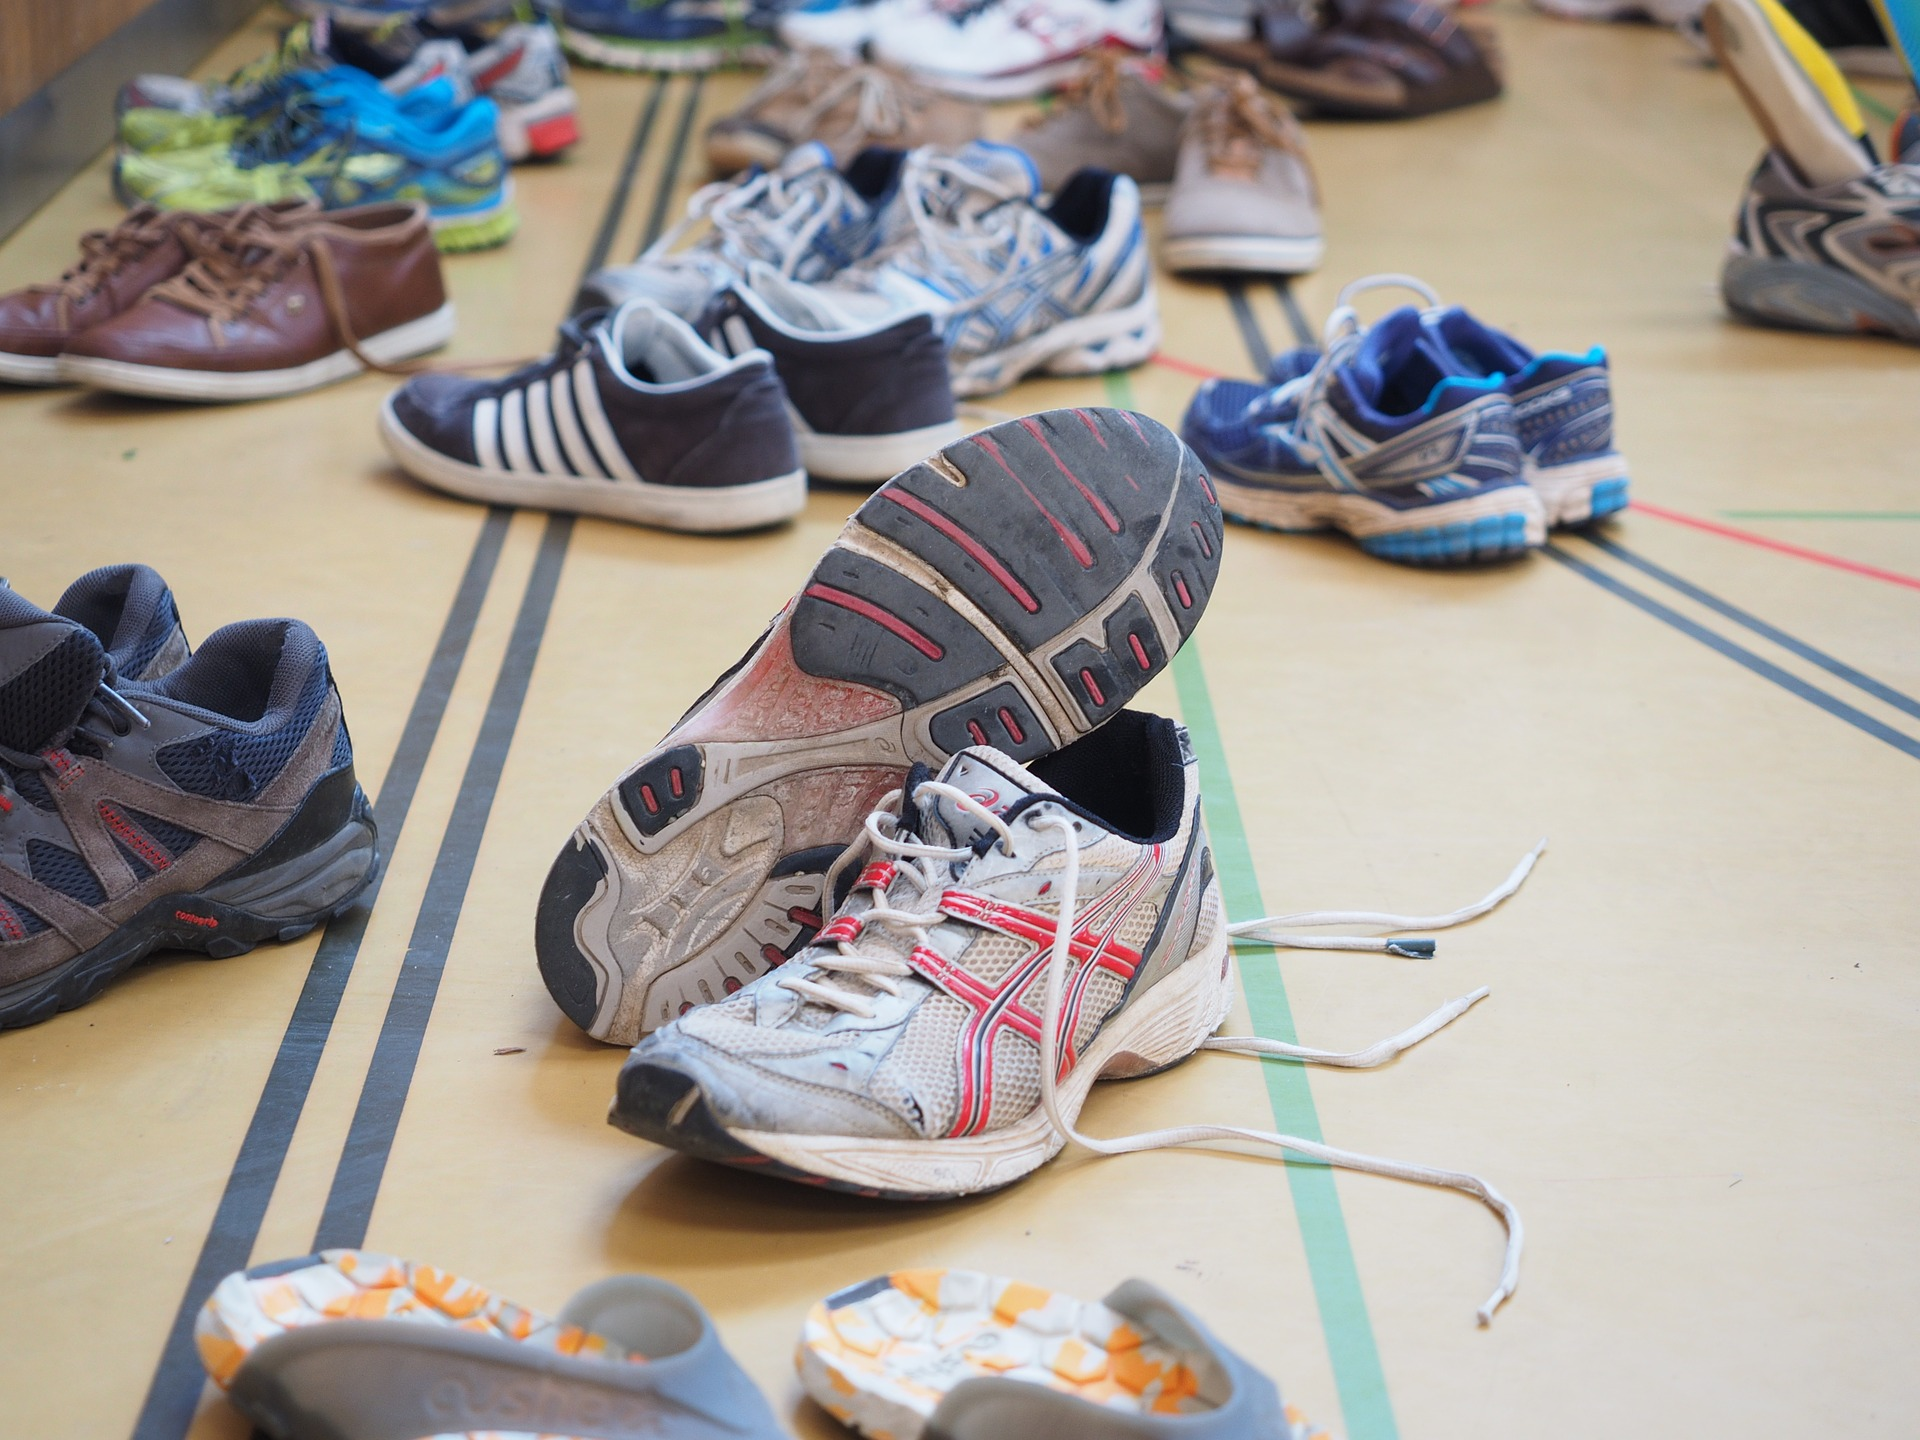 shoes-1260814_1920